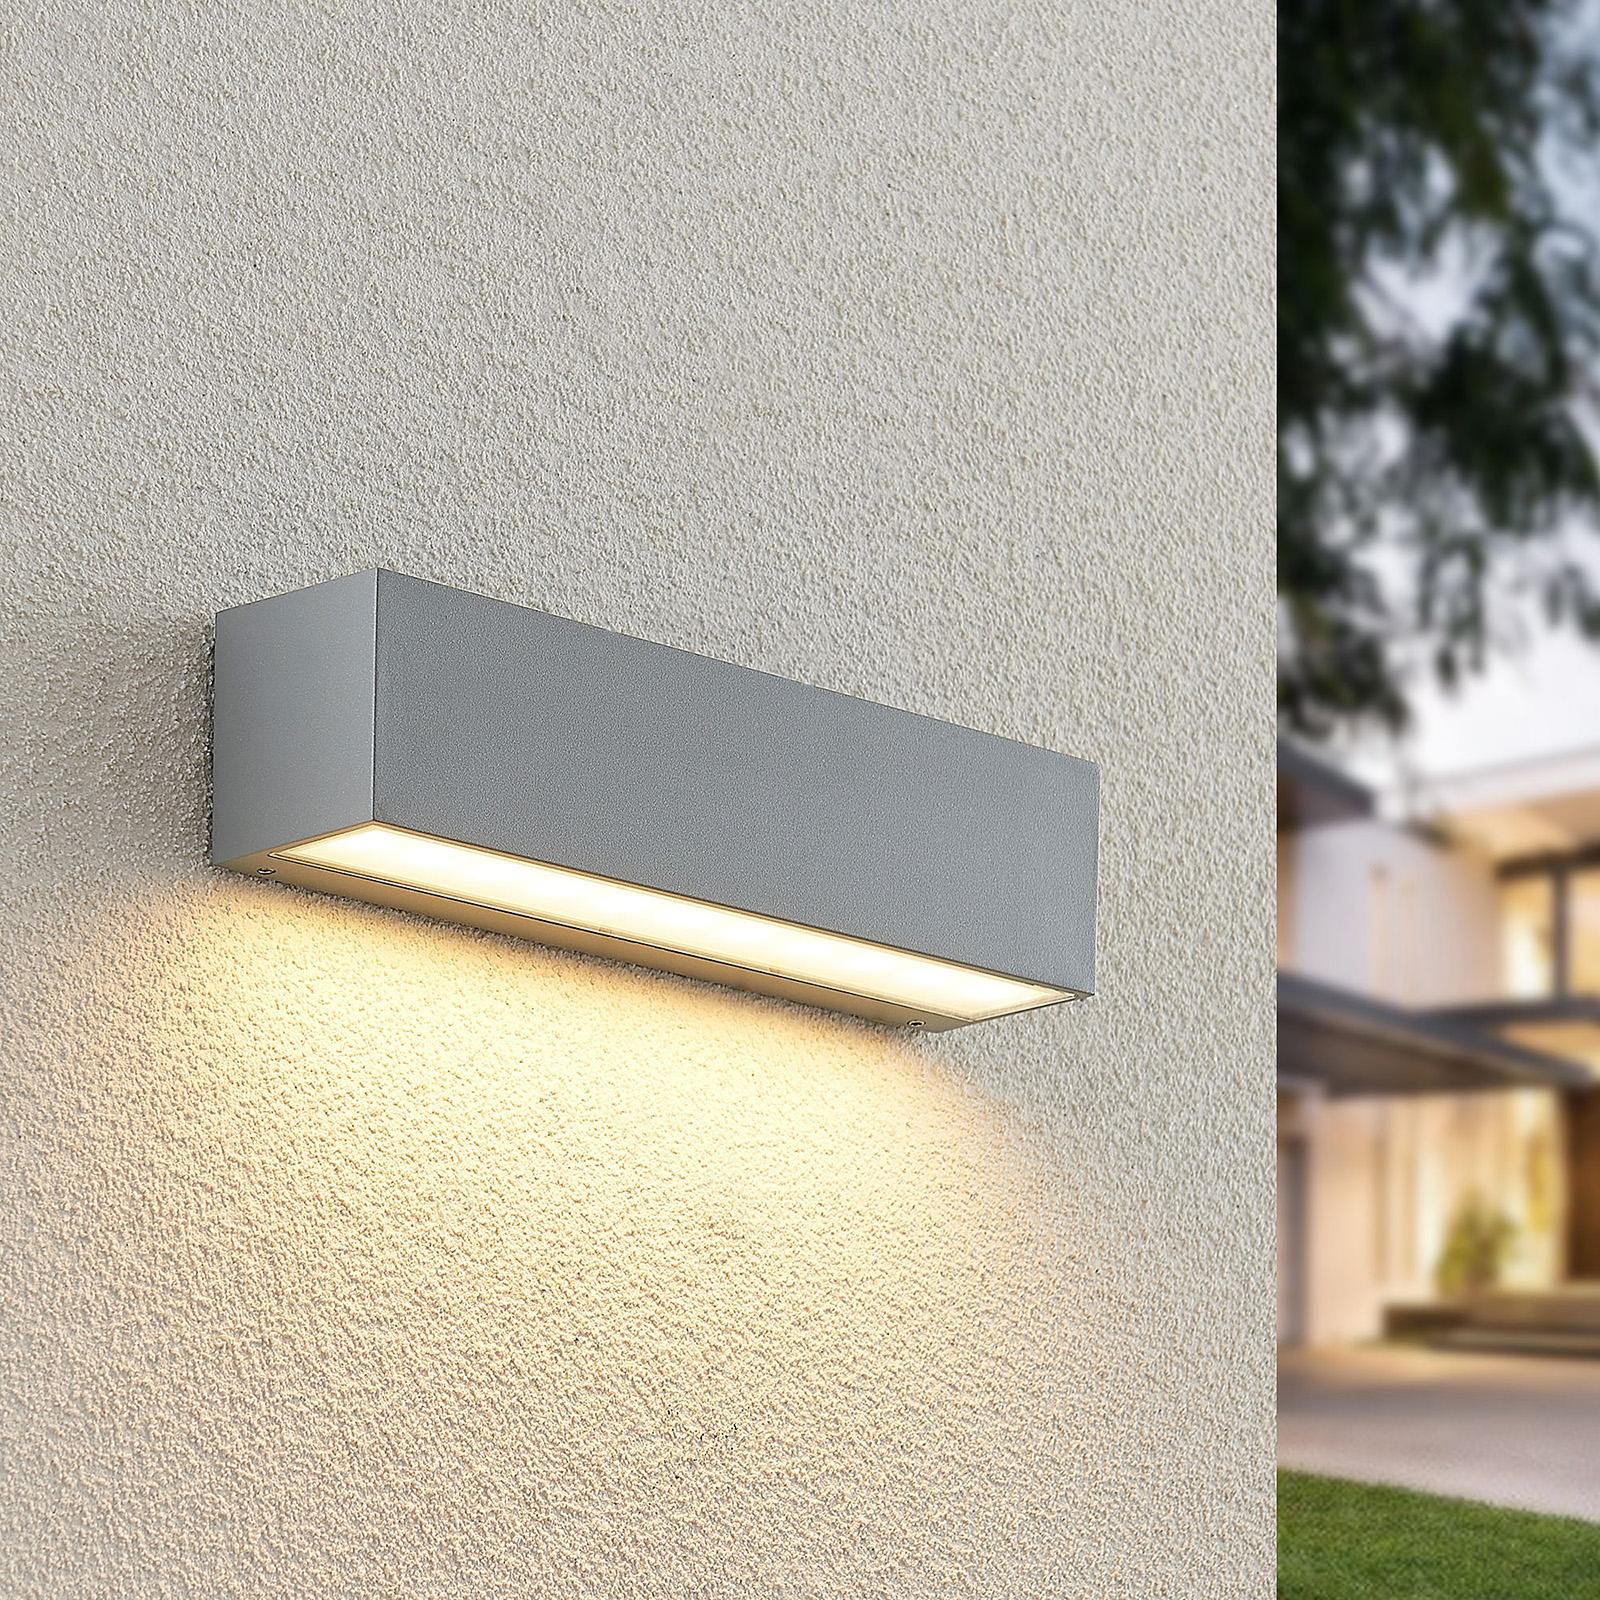 Lucande Lengo applique LED, Down argent 25cm